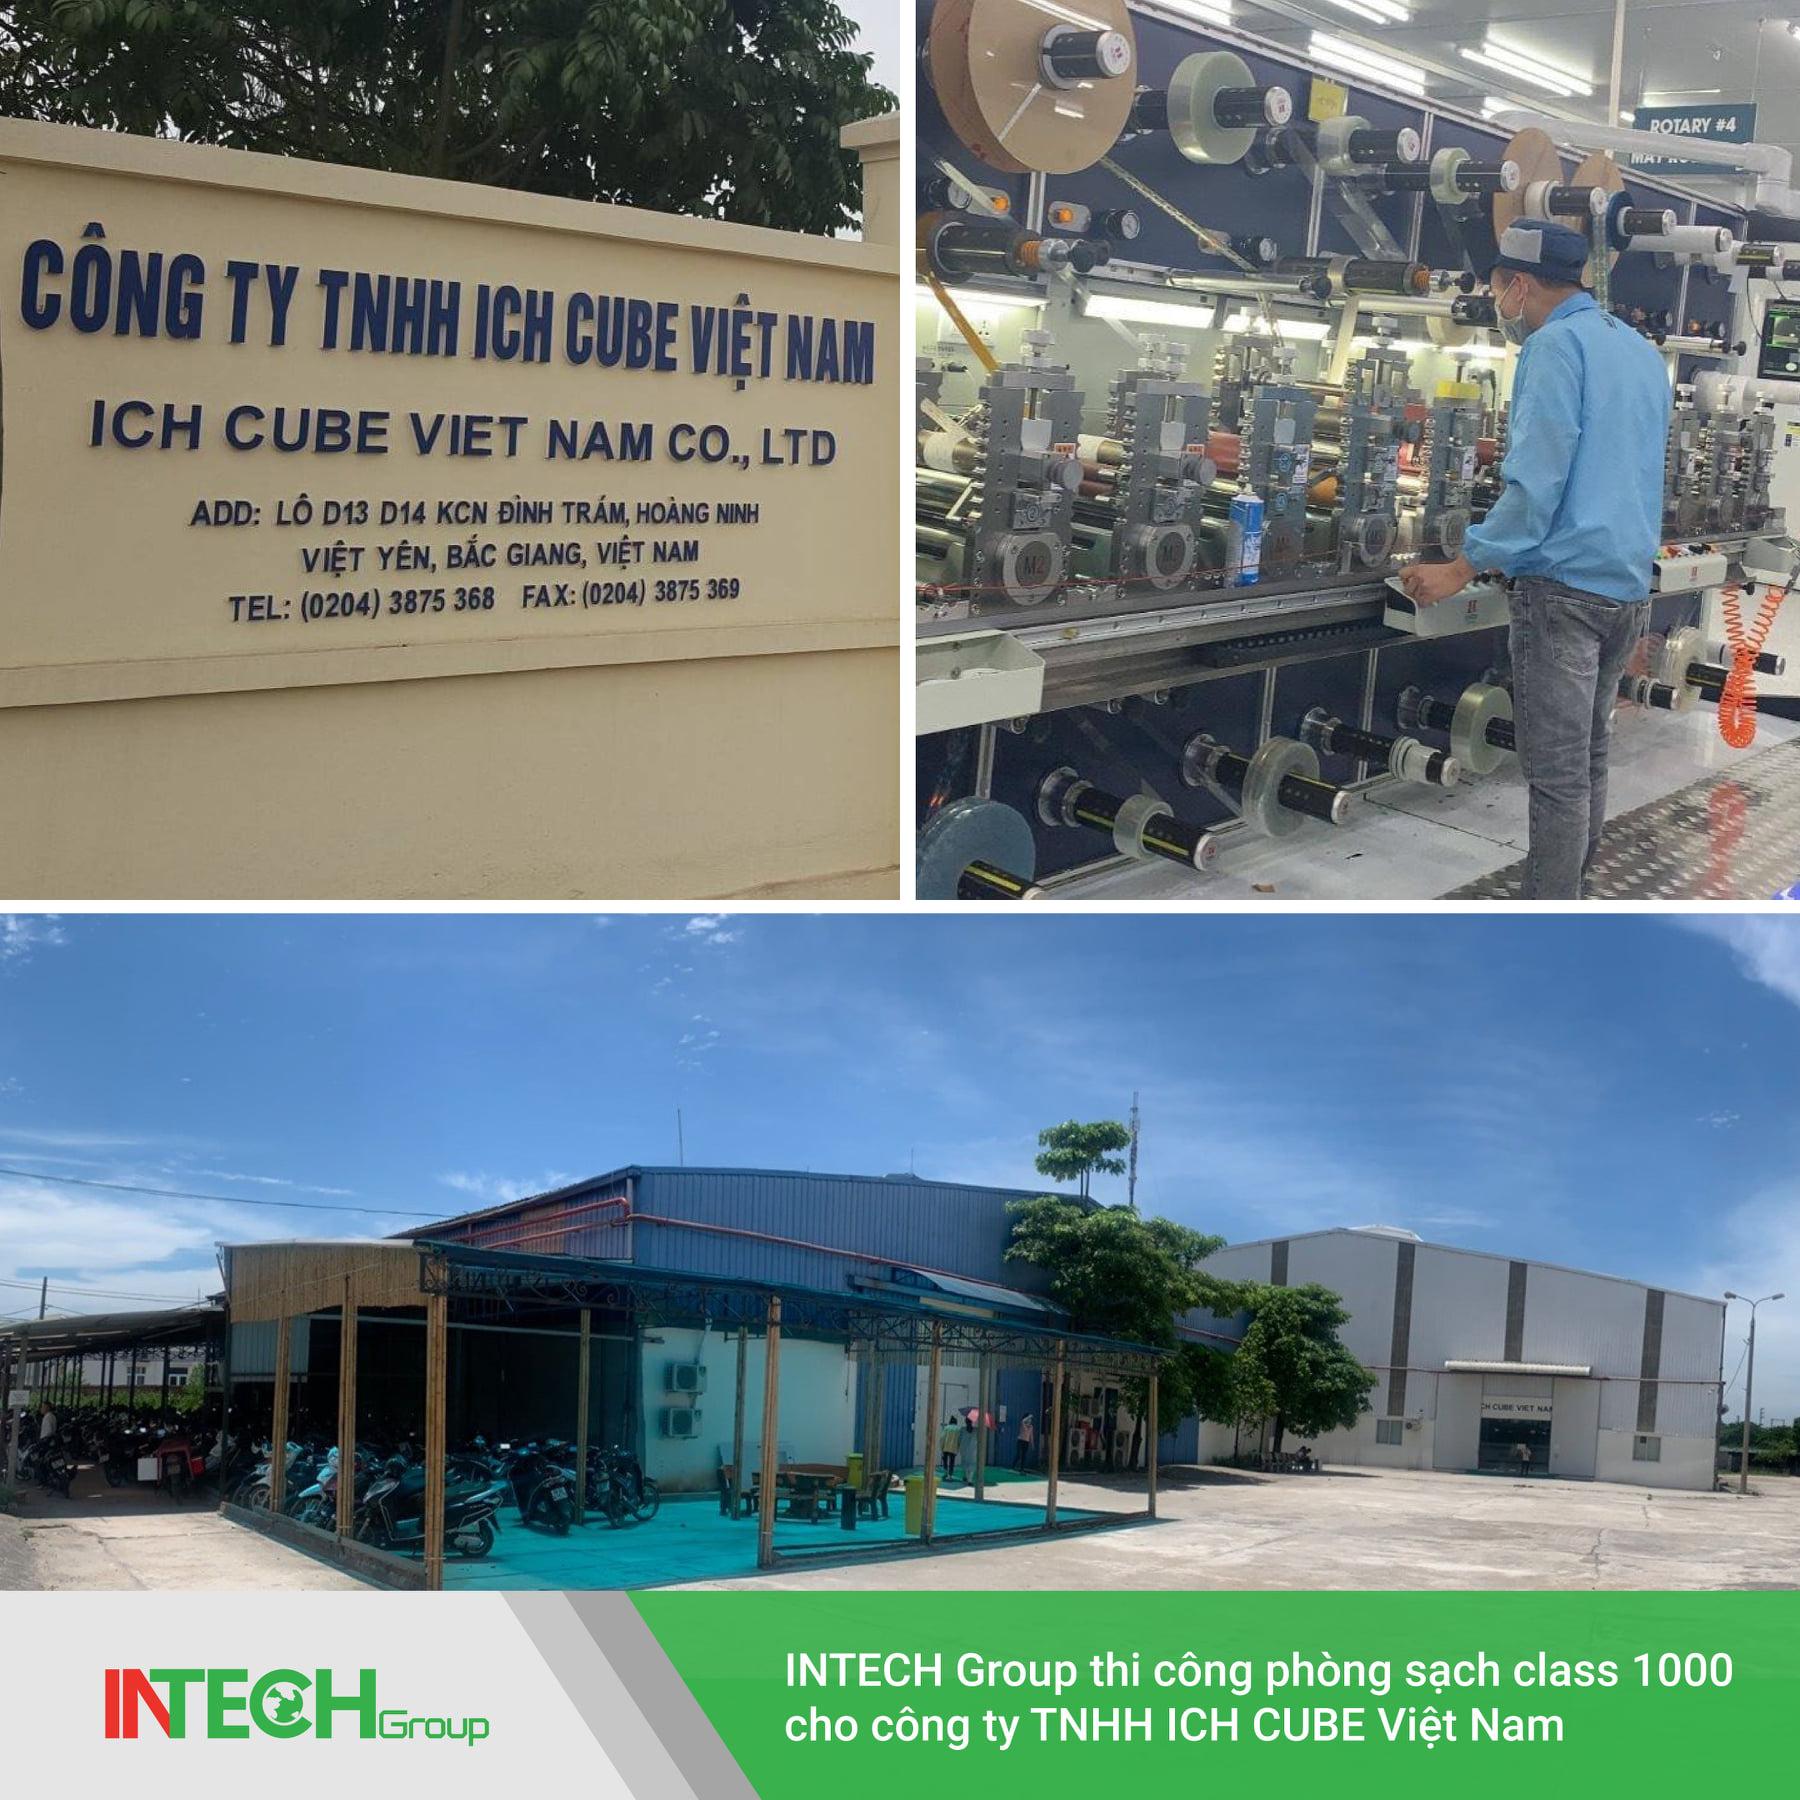 Công ty TNHH ICH CUBE Việt Nam